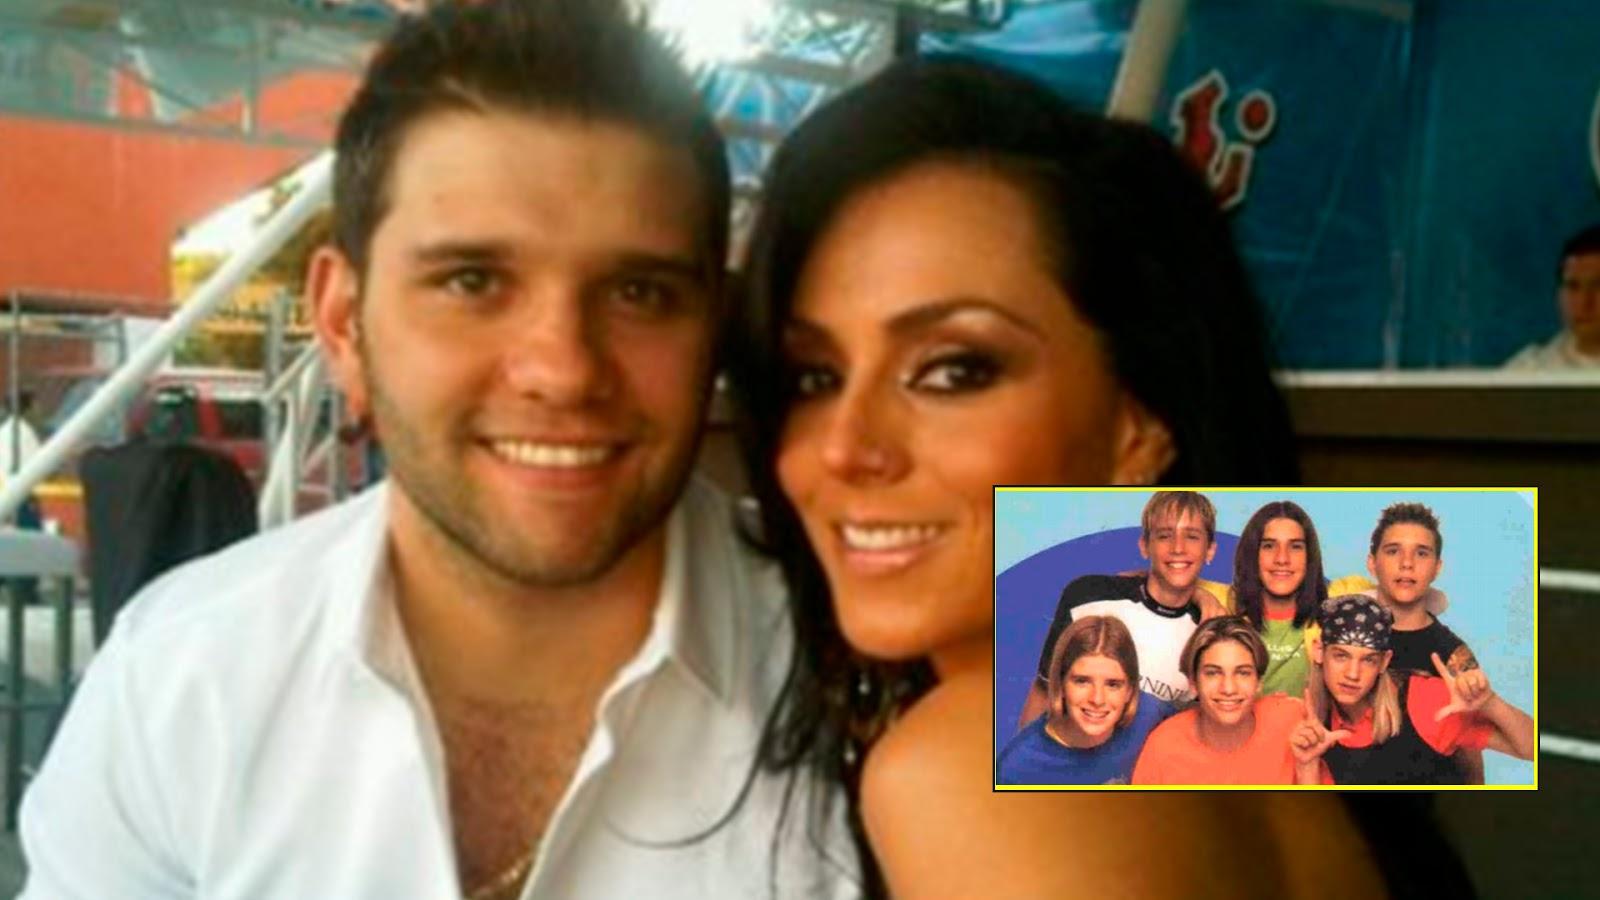 Asesinan en CDMX a cantante Fabio Melanitto, ex integrante de UFF, y ex pareja de Ivonne Montero